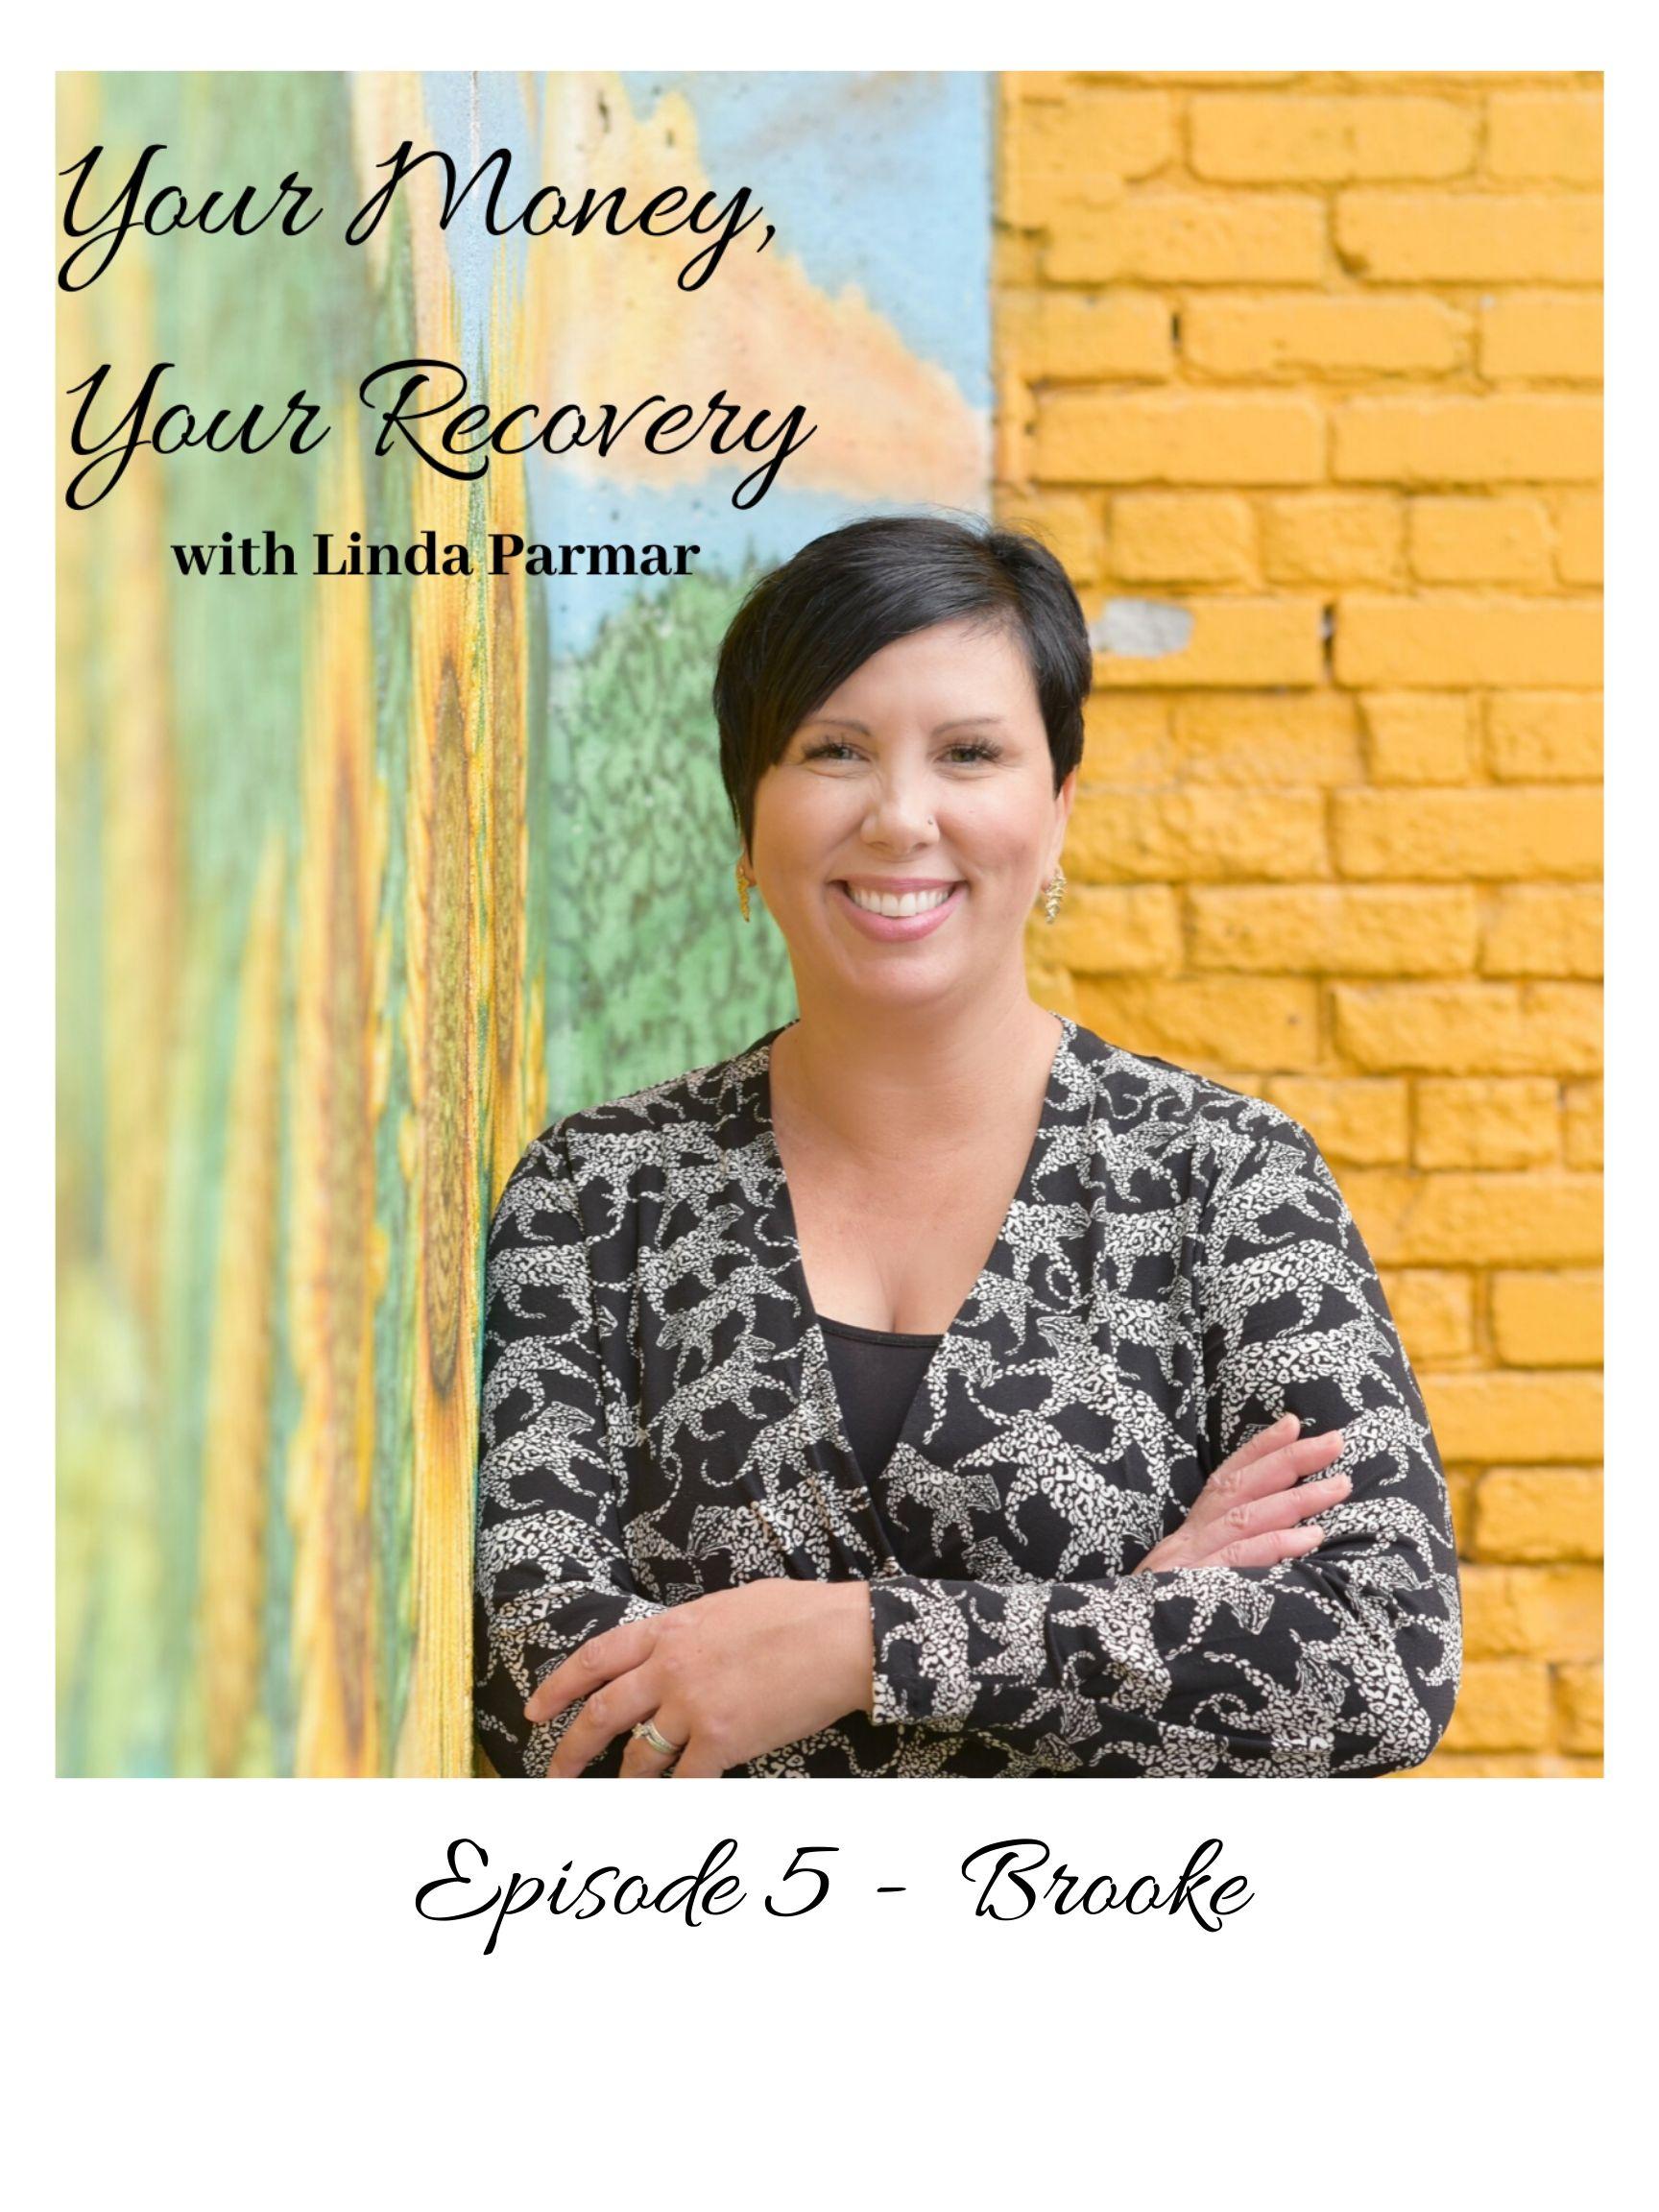 Episode 5 - Brooke